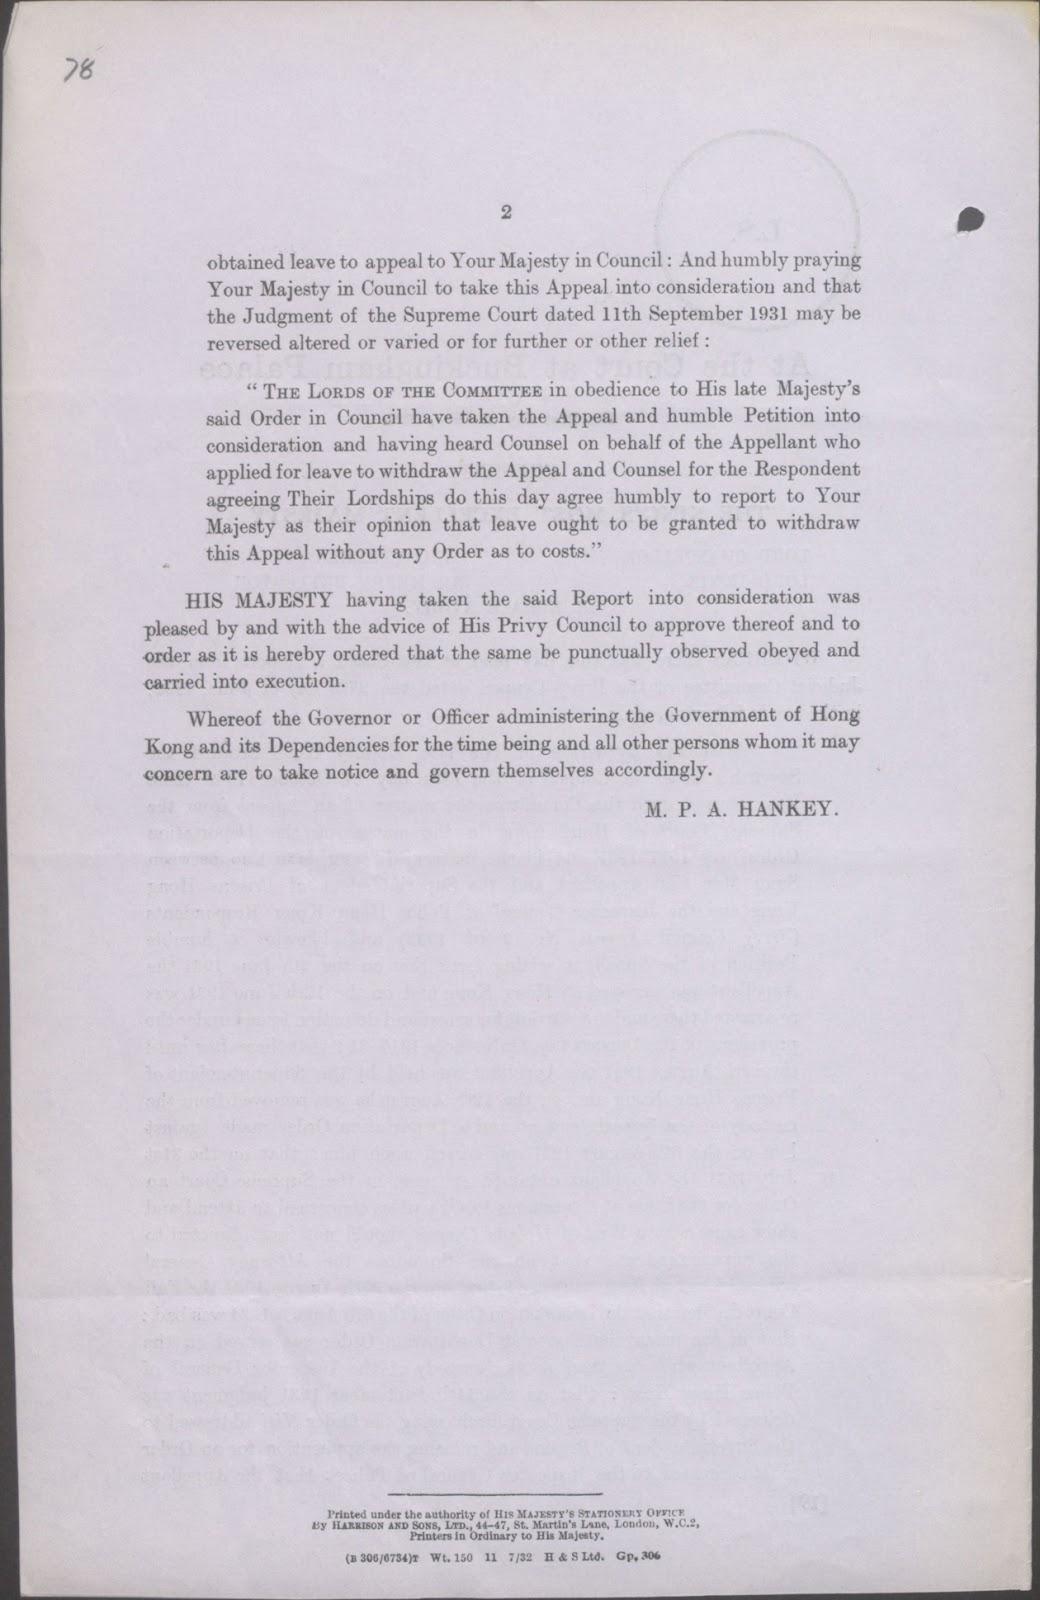 Thông báo của Privy Council về kết quả của vụ kháng cáo của Tống Văn Sơ  21-07-1932 (2).jpg